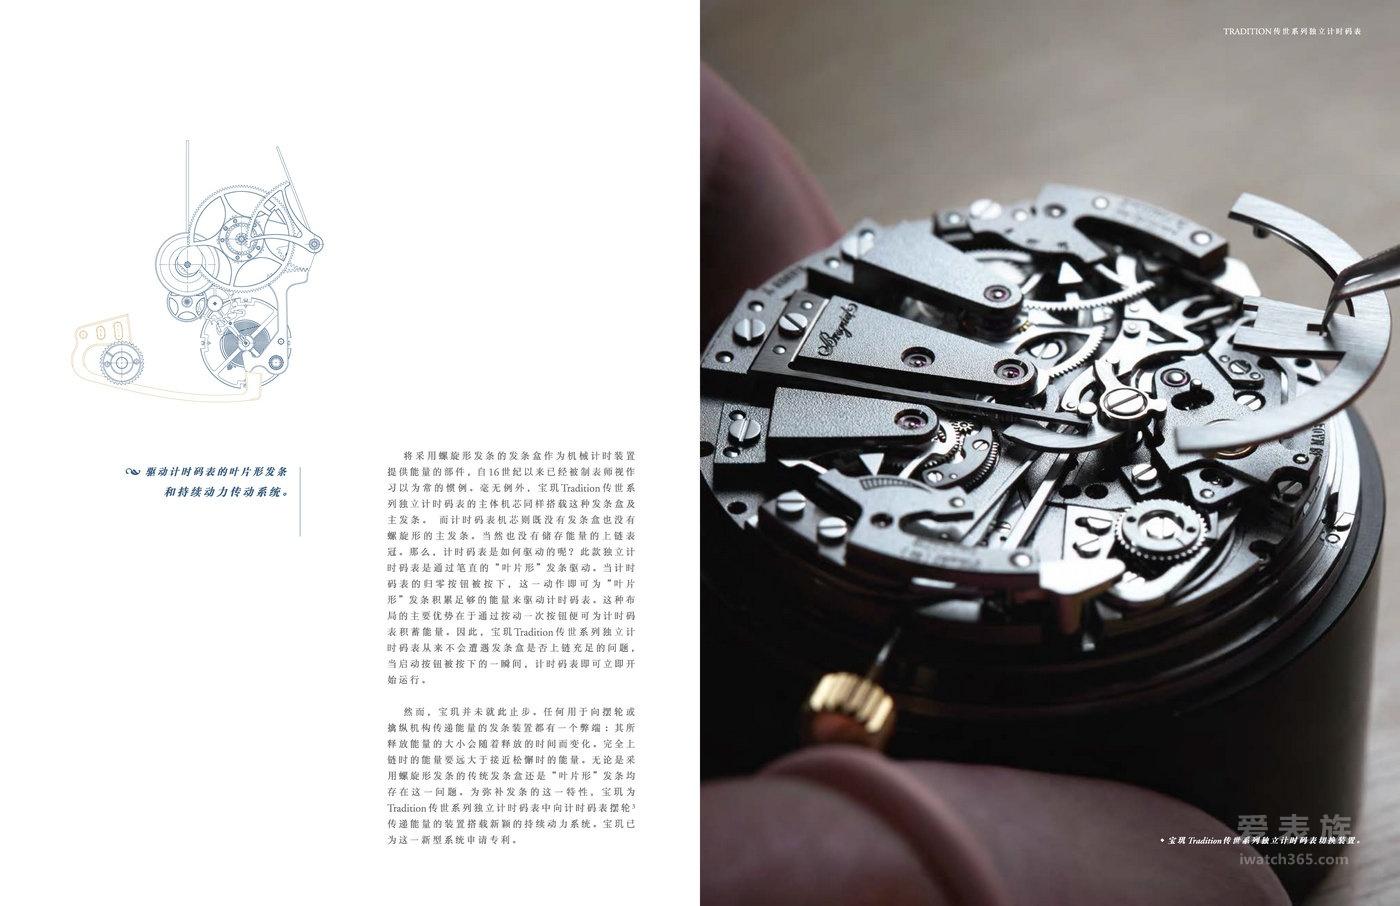 宝玑(BREGUET):ipad杂志第五期《钟表堤岸》正式上线